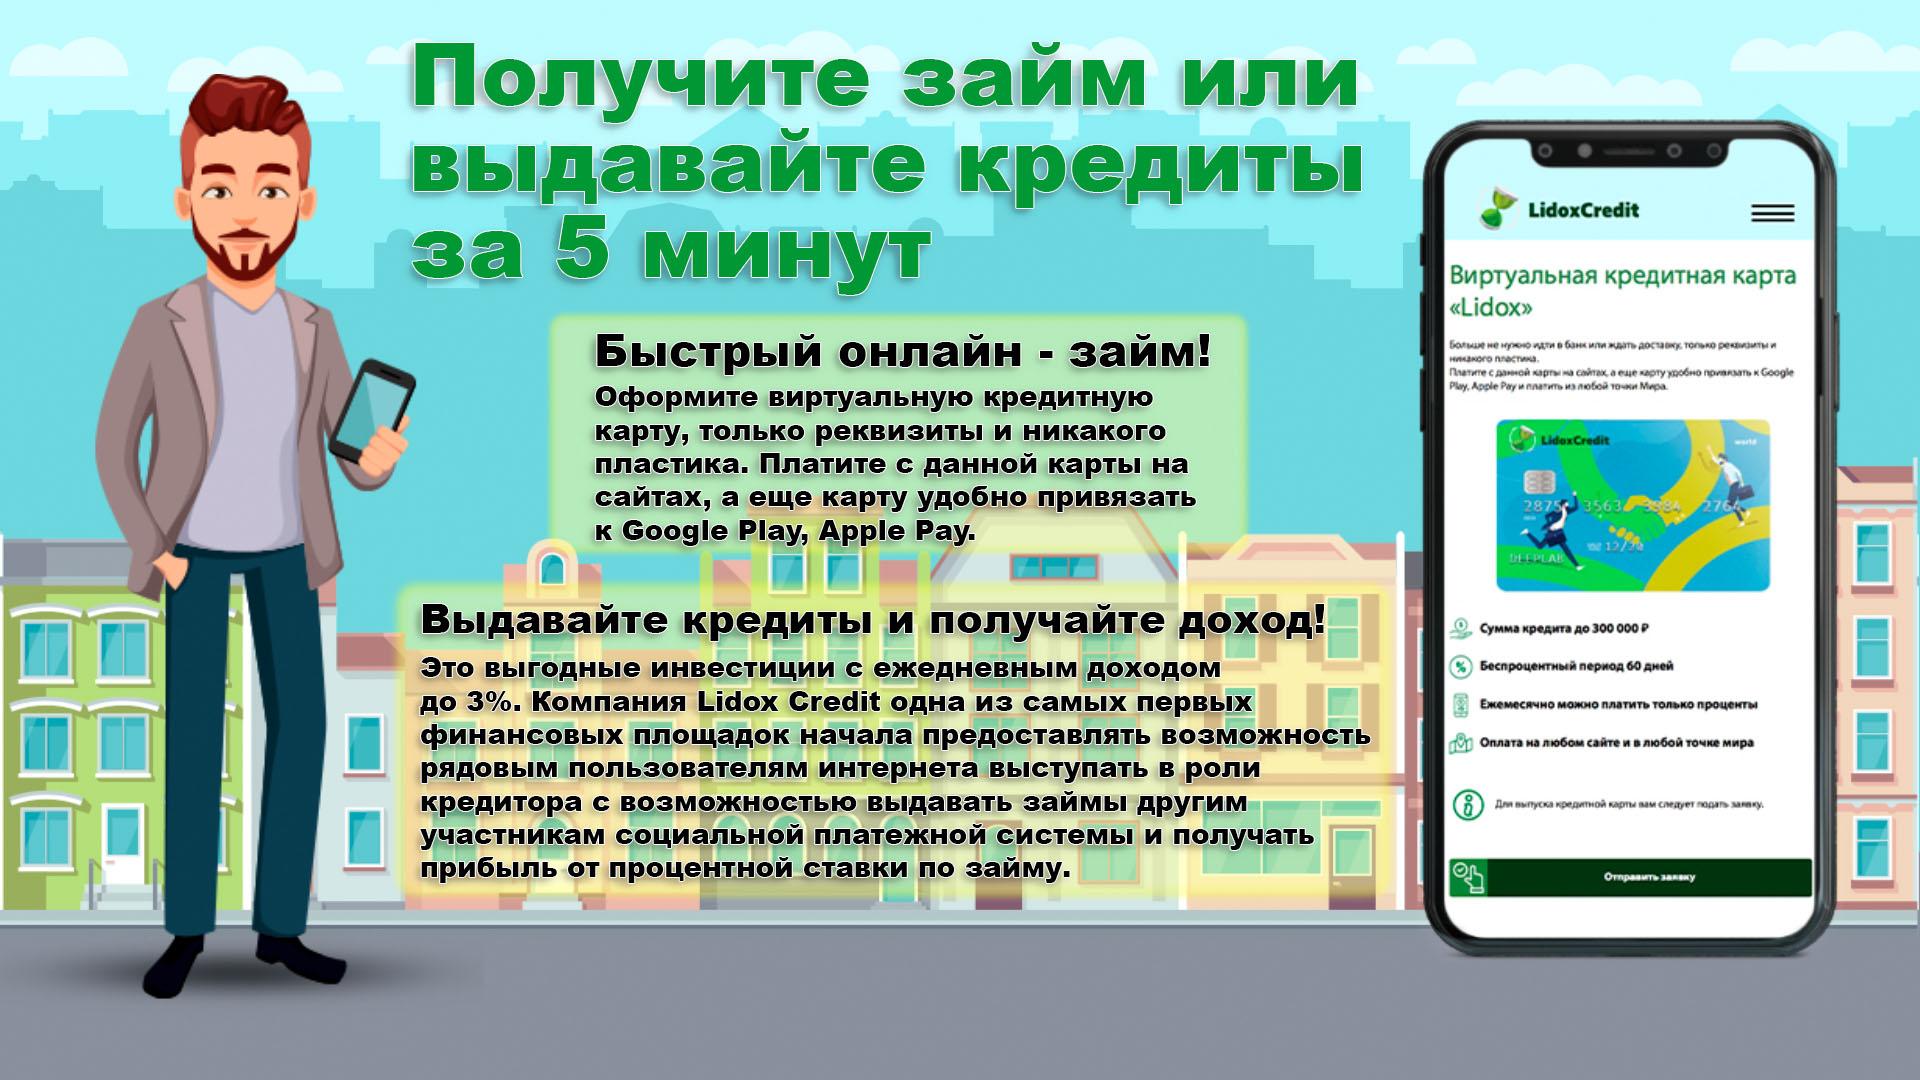 Lidox Credit - современная альтернатива банковским кредитам и кредитным картам